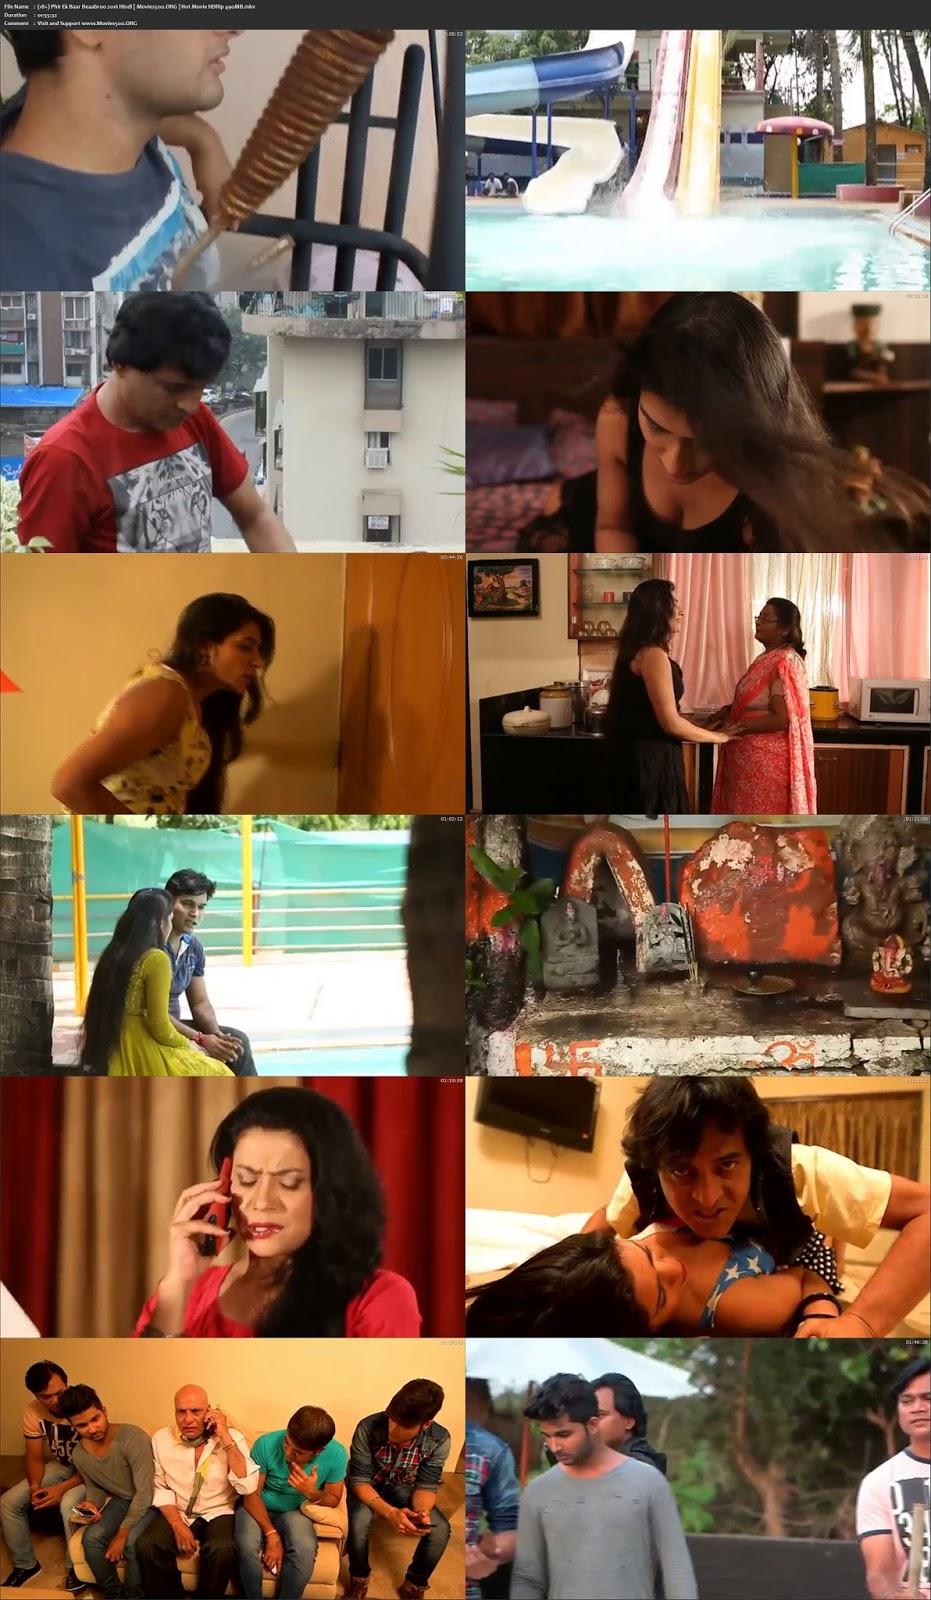 (18+) Phir Ek Baar Beaabroo 2016 Hindi Hot Movie HDRip 490MB at movies500.bid